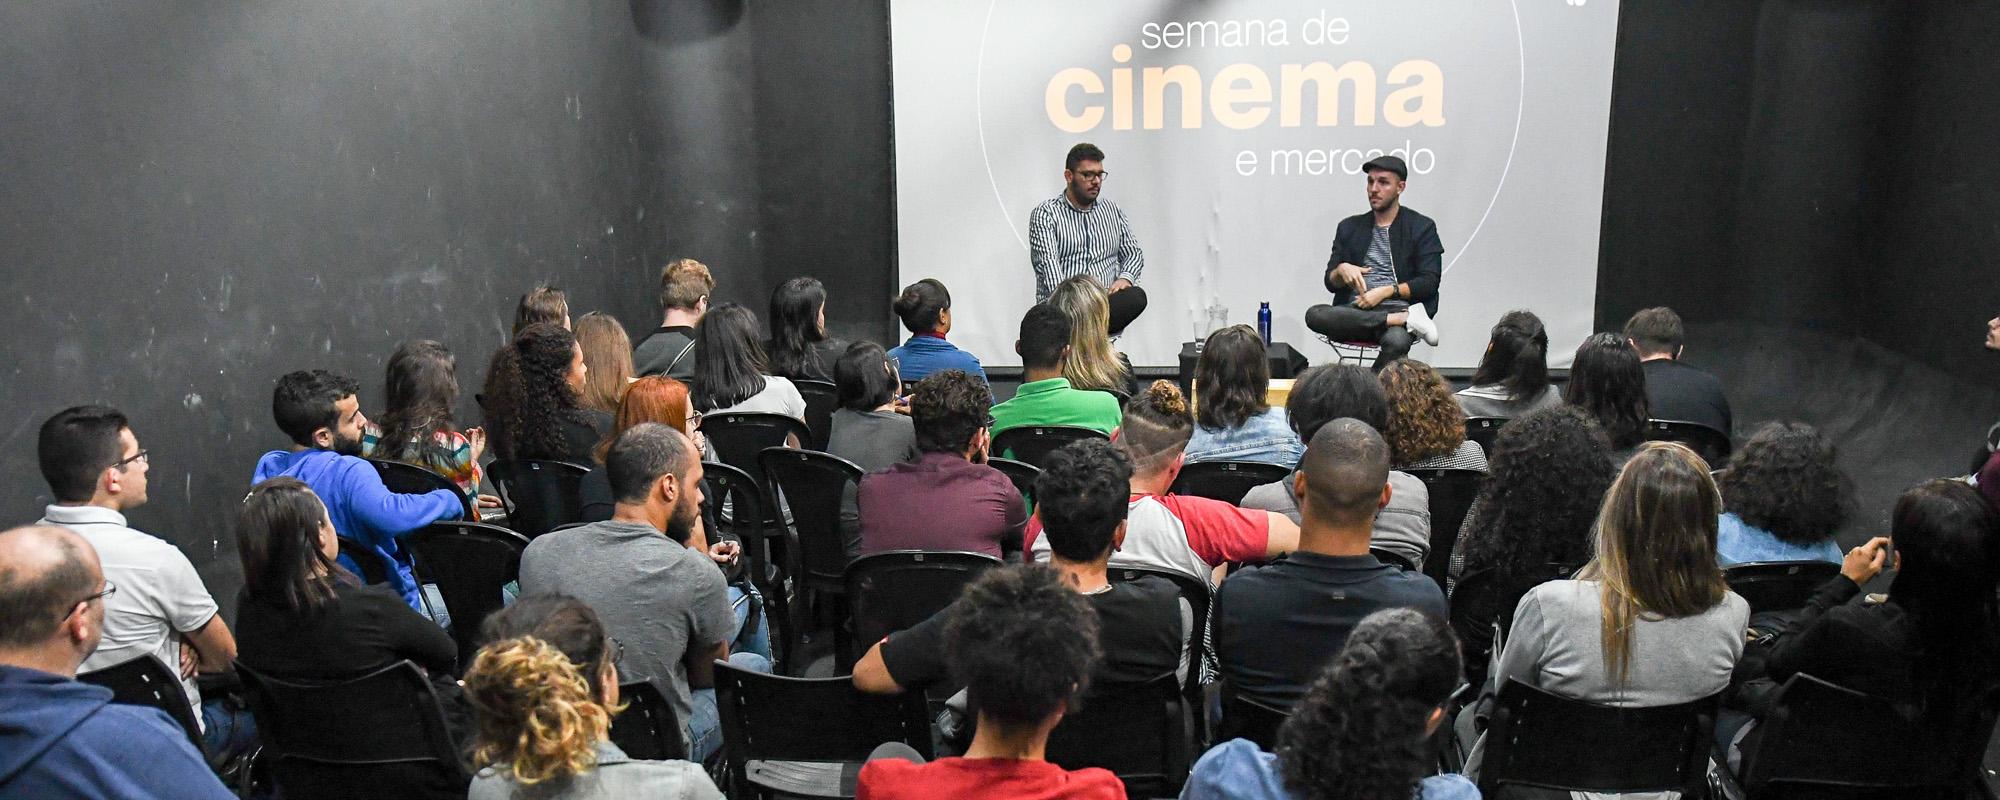 Carlos Eduardo Valinoti e Matheus Peçanha no primeiro dia da Semana de Cinema e Mercado do Rio de Janeiro